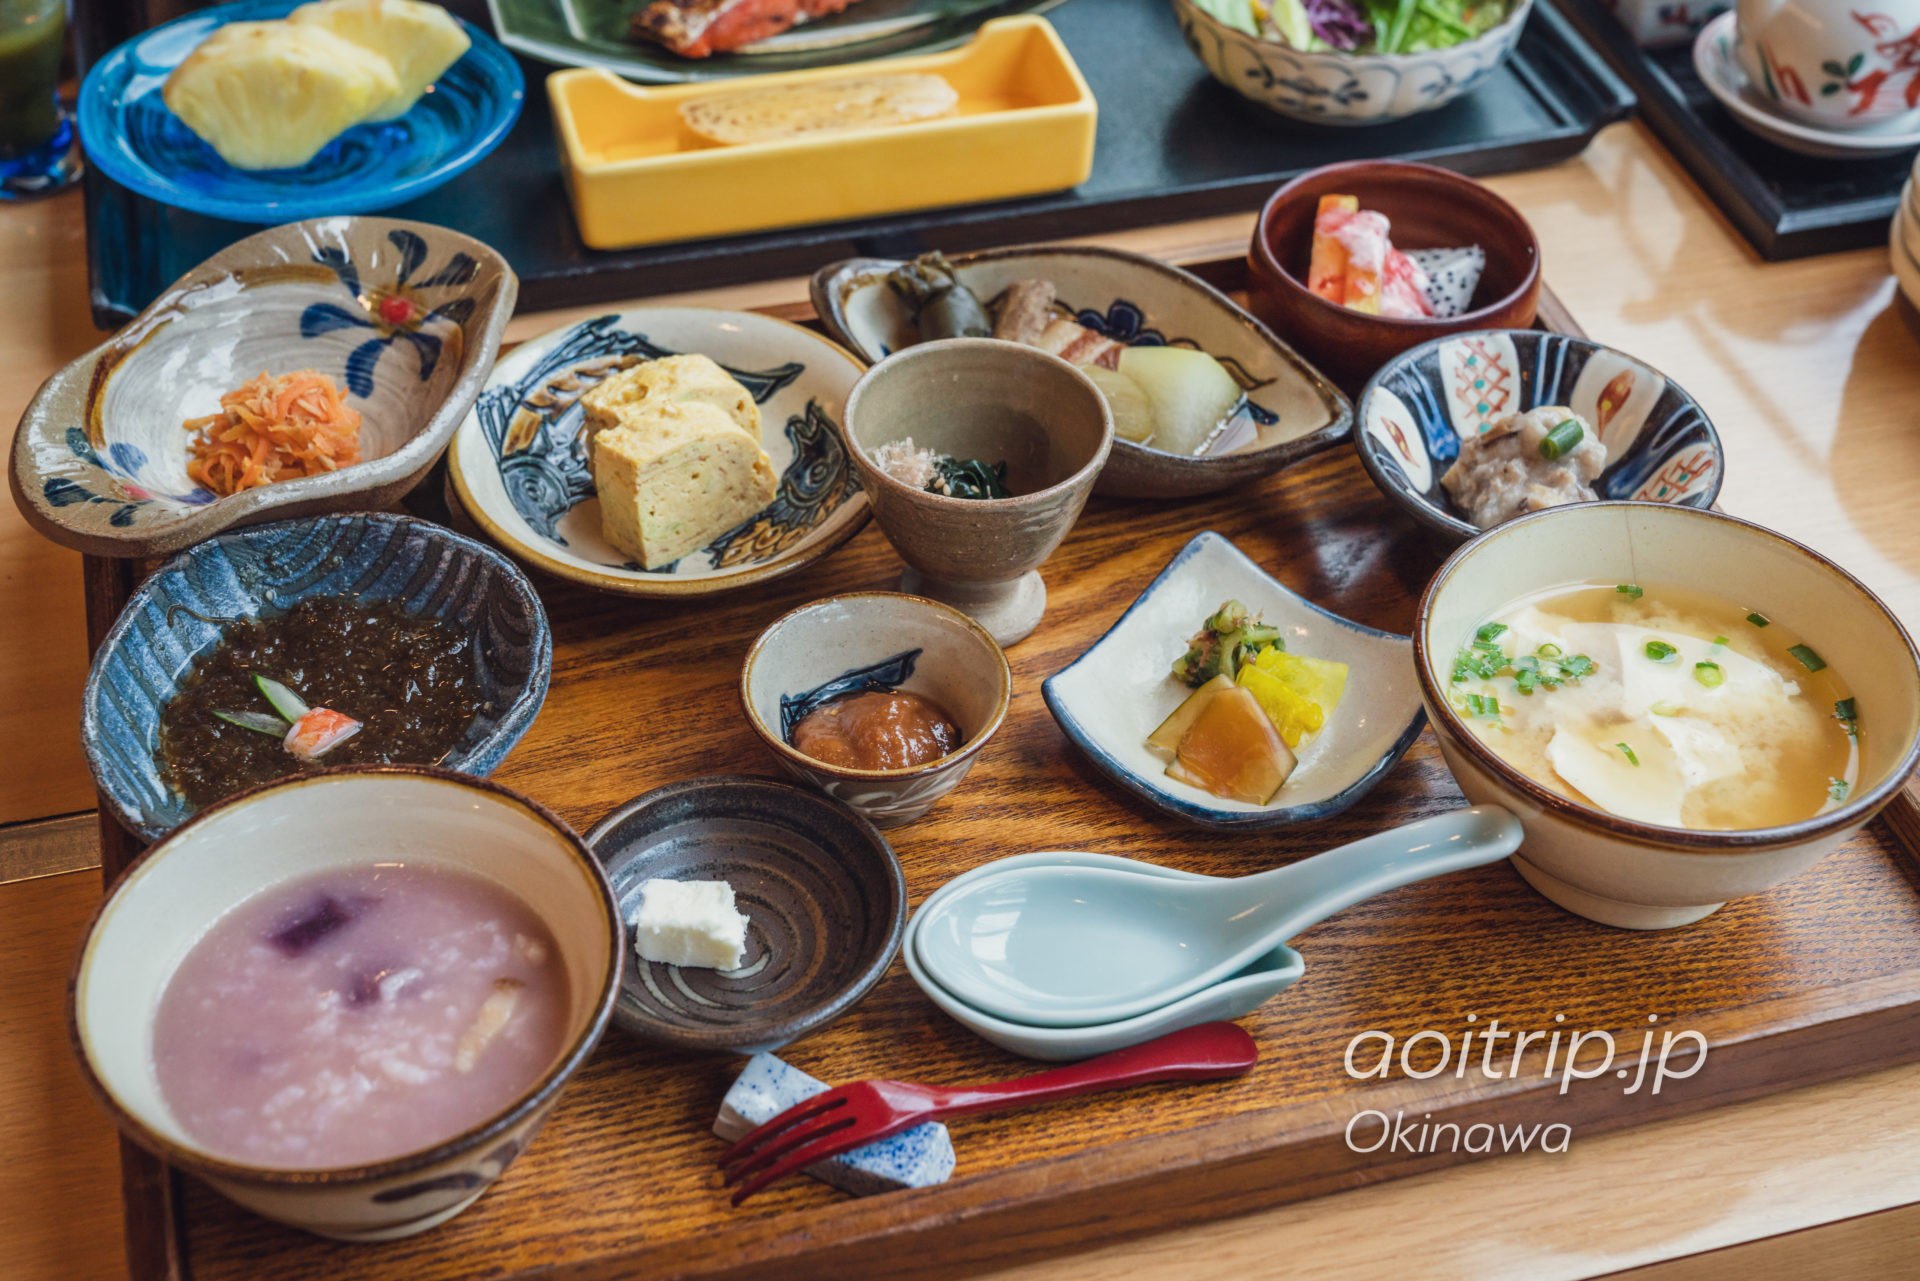 ルネッサンスリゾート オキナワ 彩の朝食 30食限定の琉球朝食